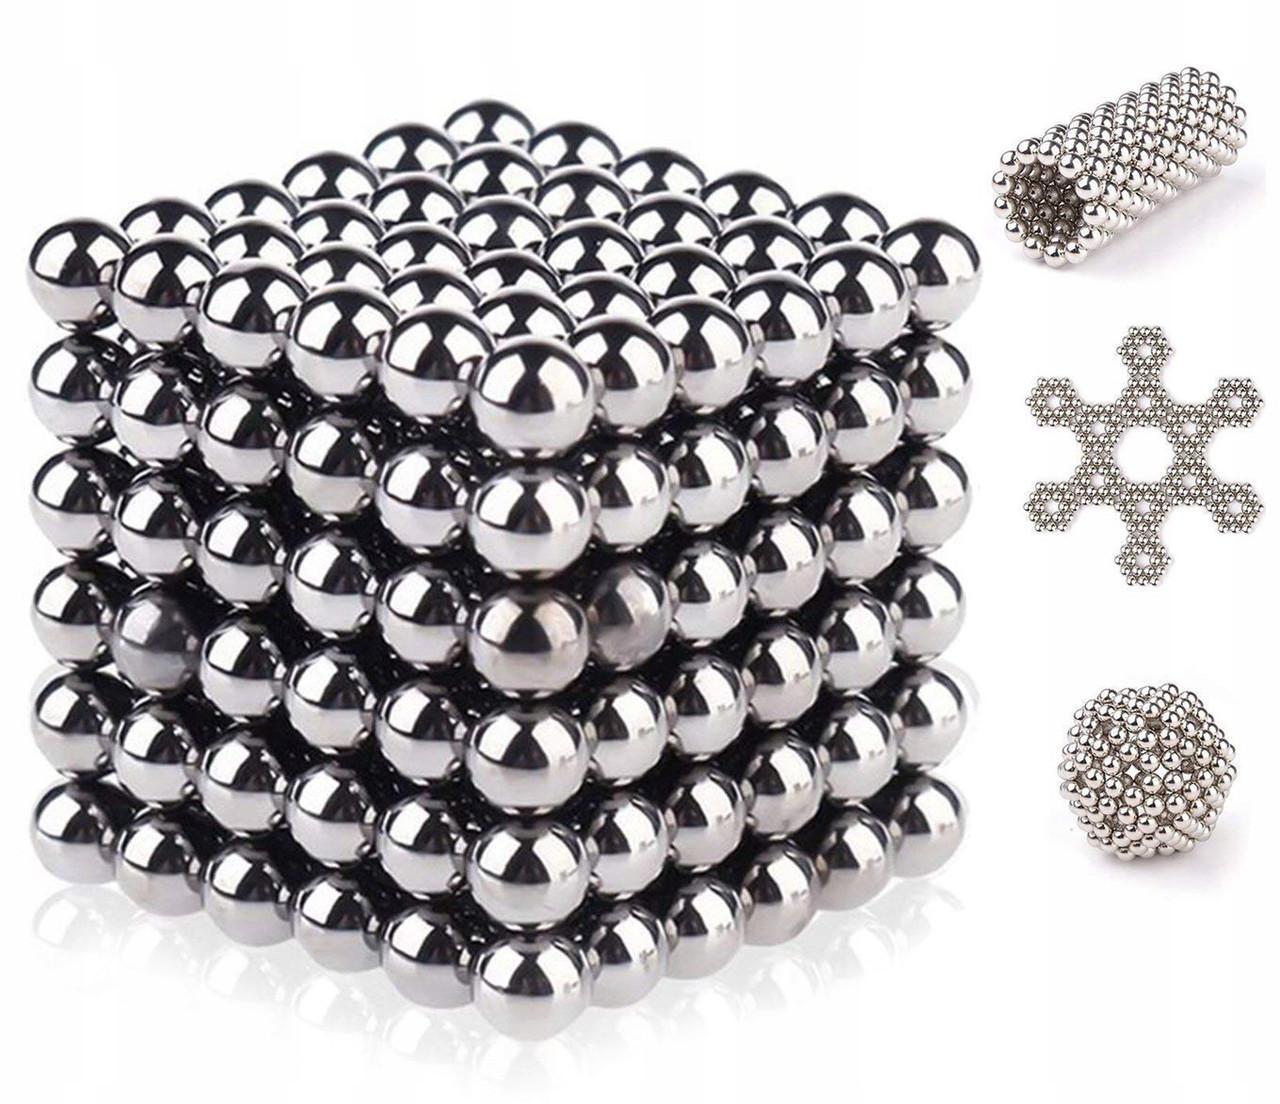 Головоломка Неокуб Neocube 216 кульок 5мм в металевому боксі сріблястий Головоломка магнітна Elite-5mm